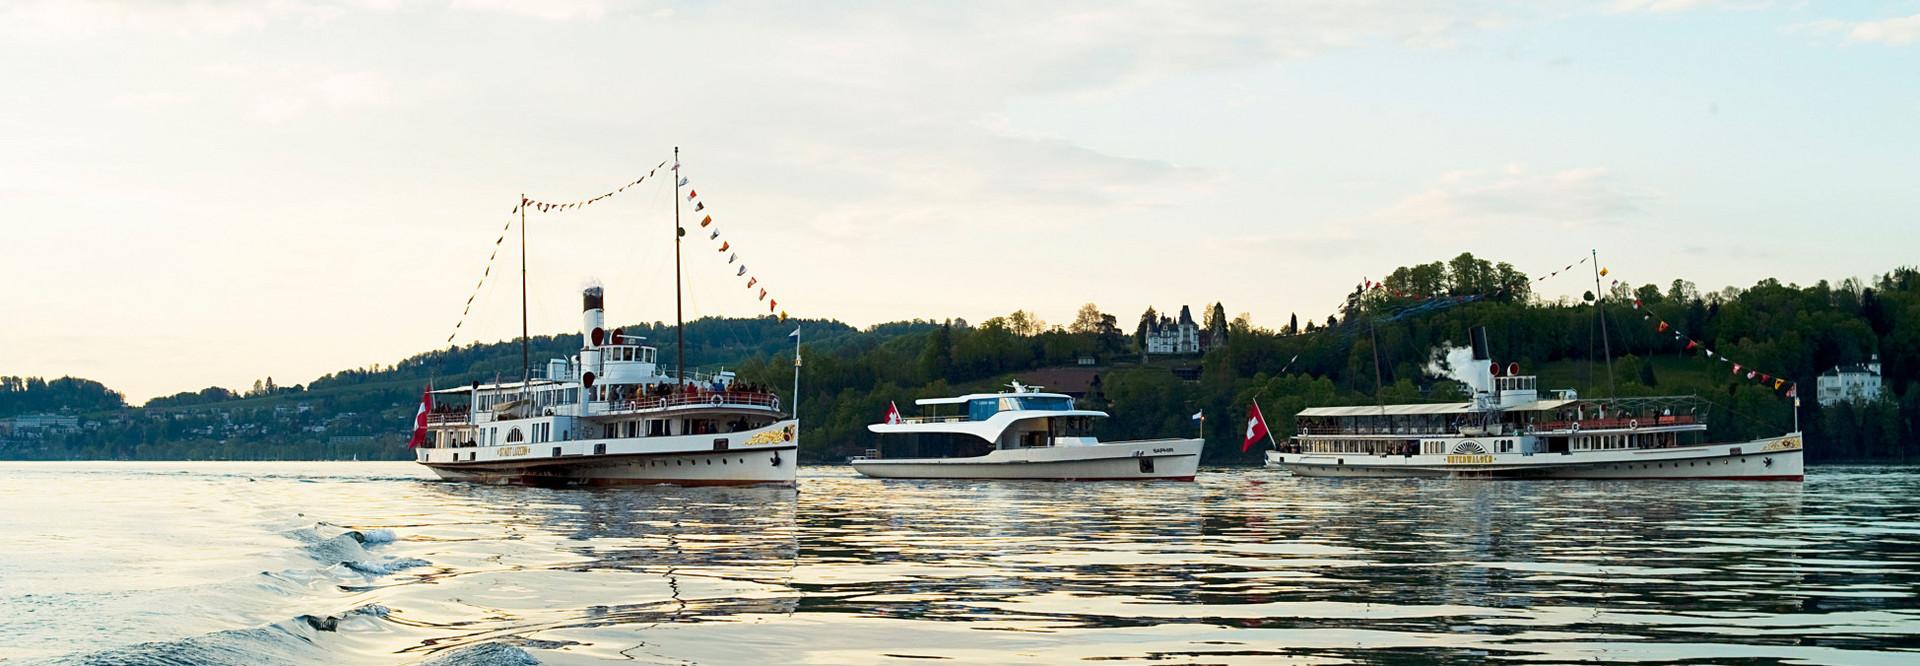 Zwei Dampfschiffe und ein Motorschiff fahren nebeneinander auf dem Vierwaldstättersee.